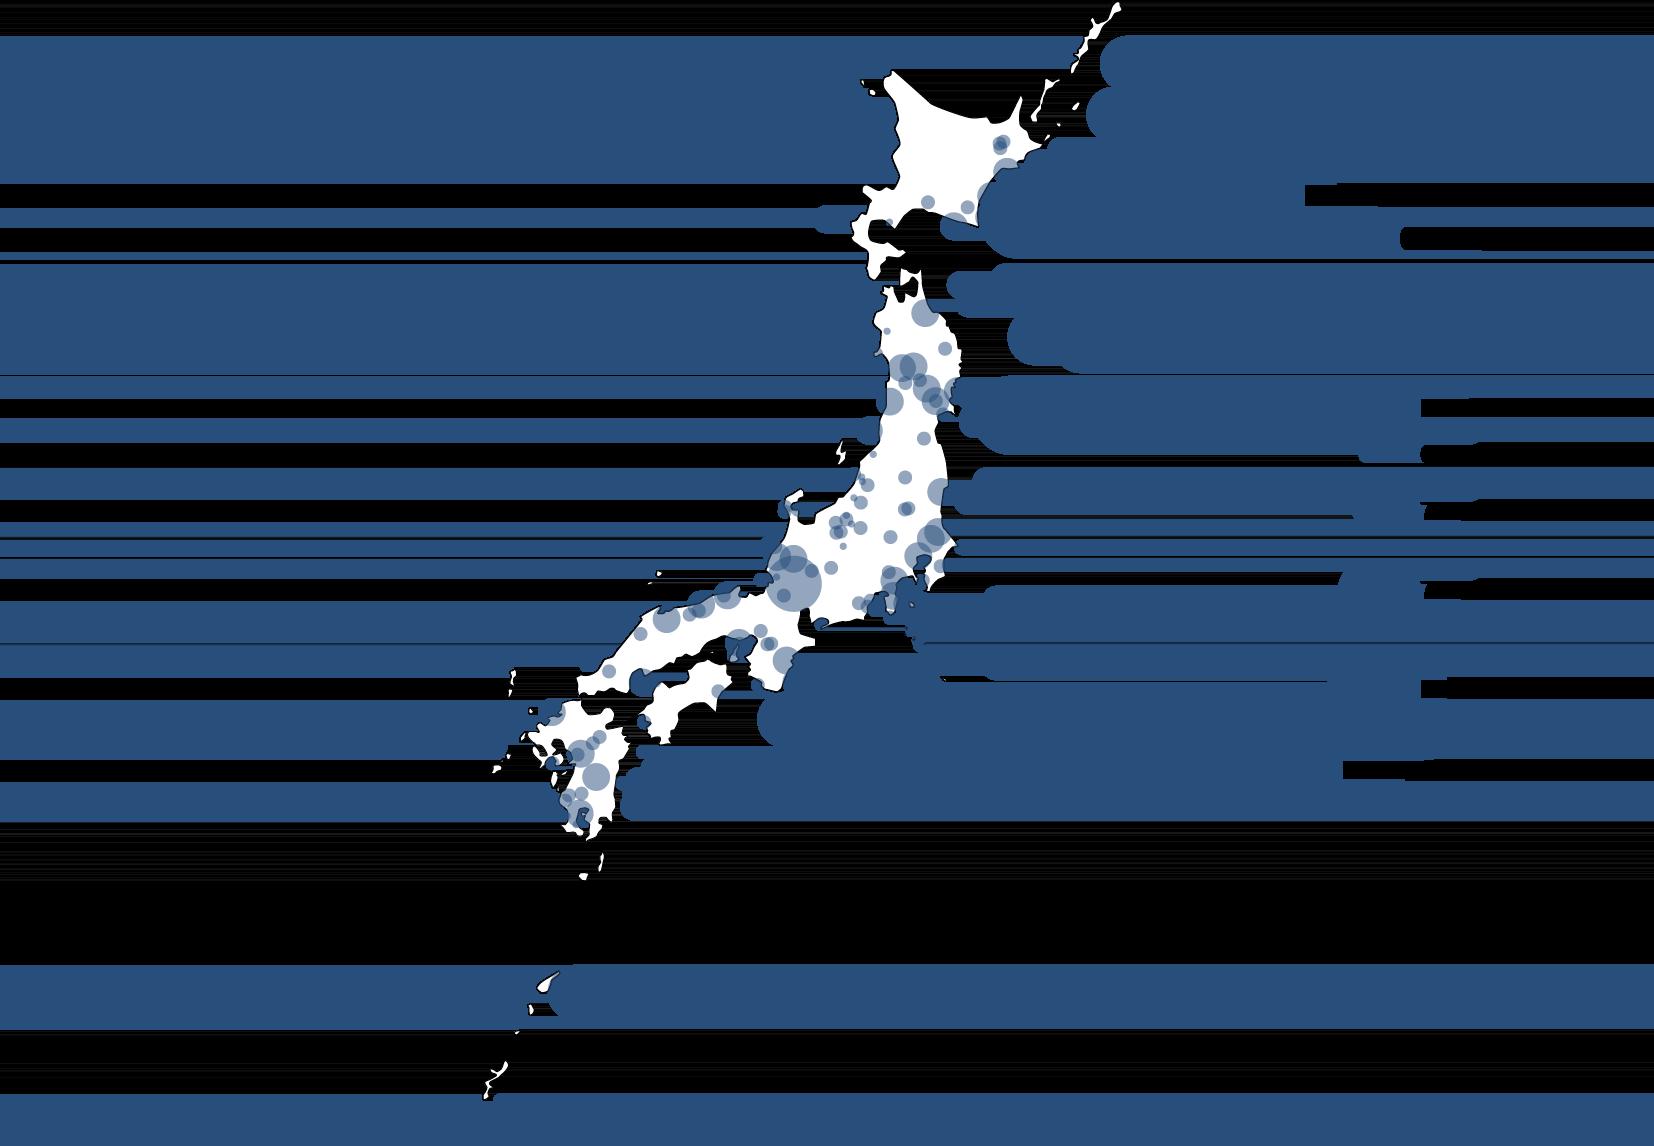 日本付近の主な被害地震の震央(1885年以降)